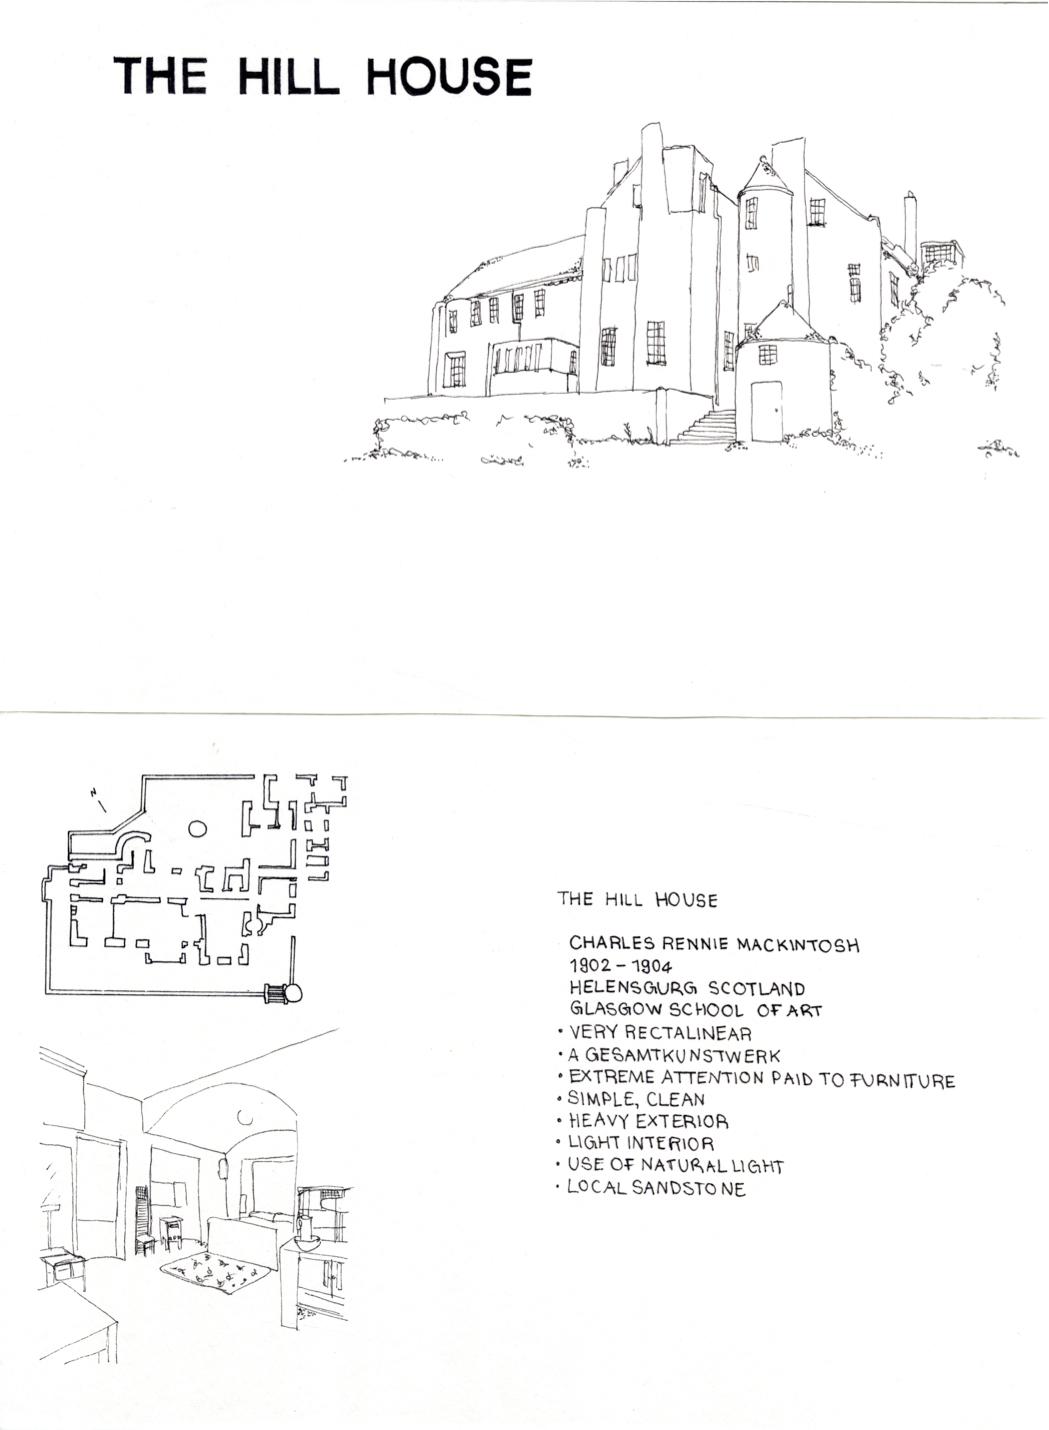 The Hill House copy.jpg